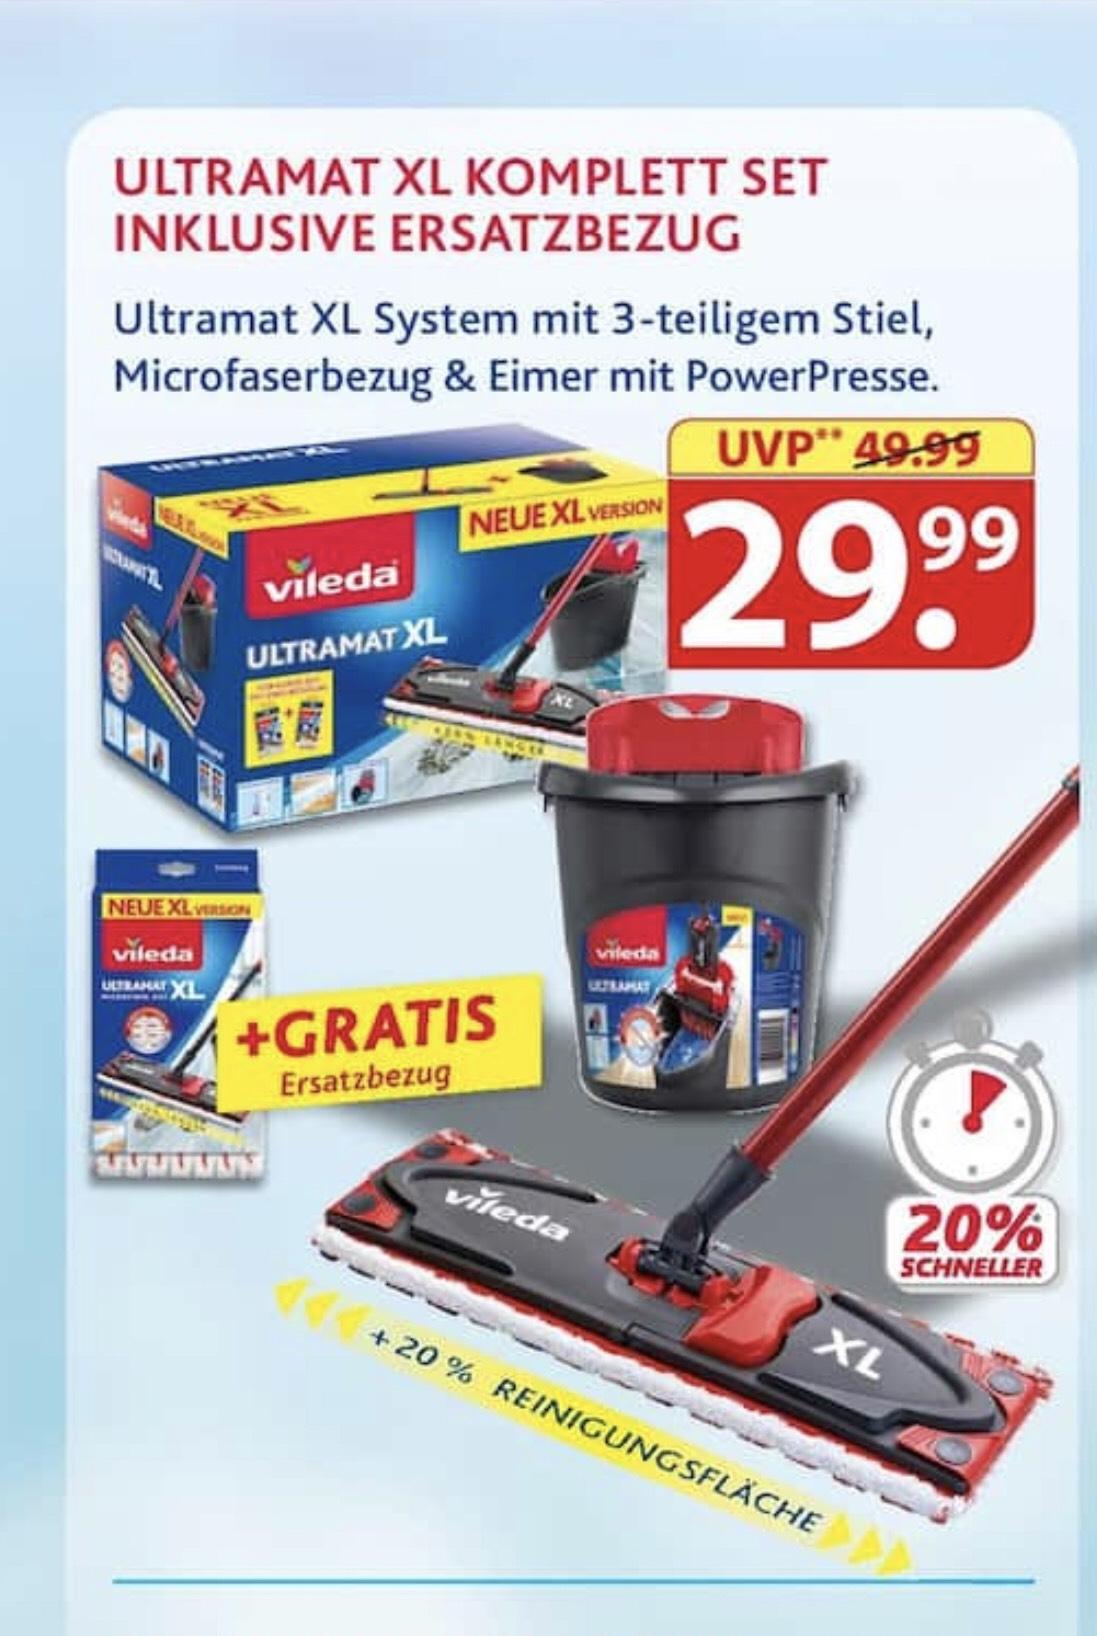 VILEDA ULTRAMAT XL + Gratis Ersatzbezug 29,99€ bei FAMILA (offline)